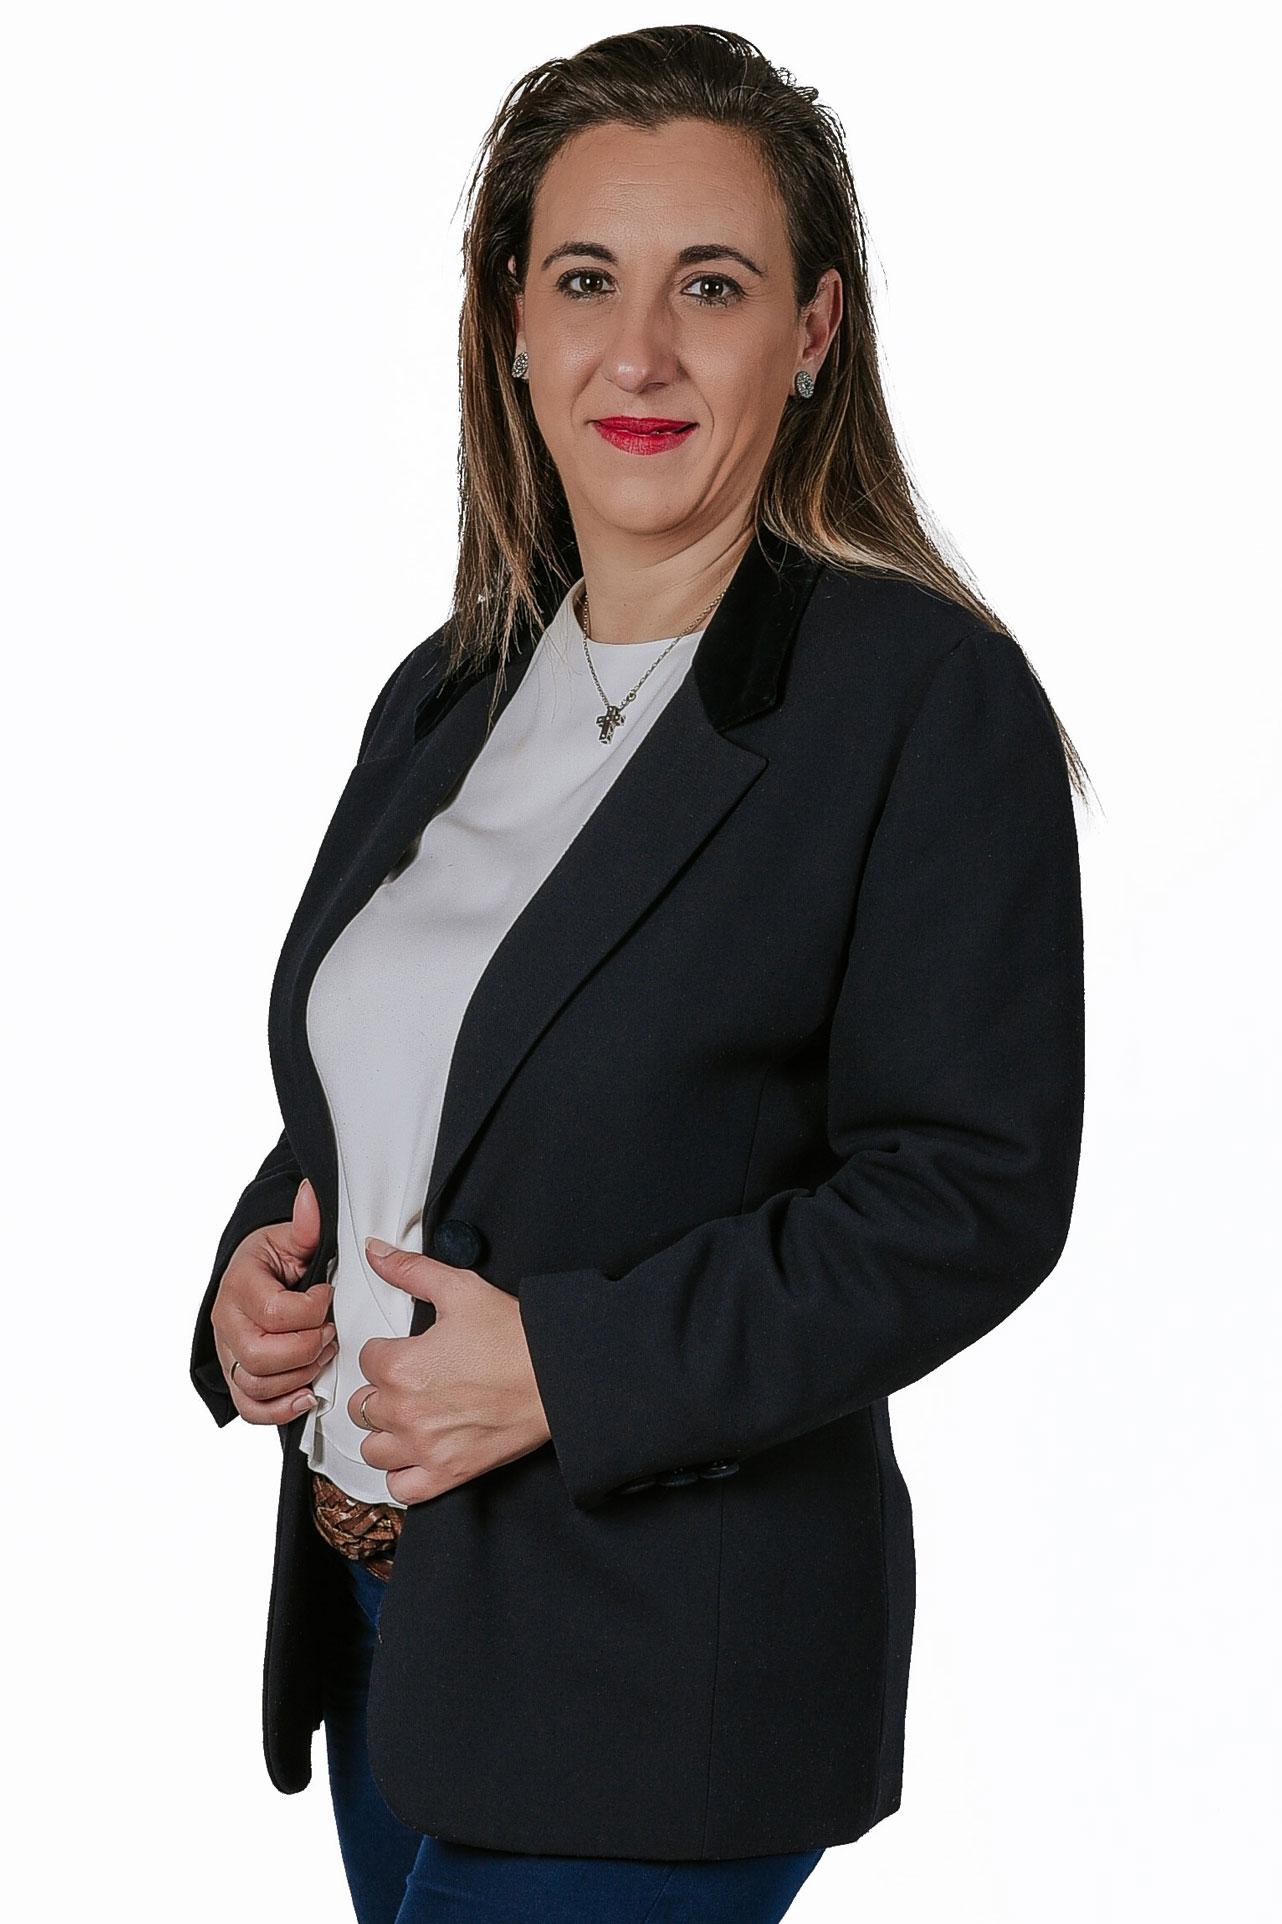 Marián-López-de-Hierro-Romero_comercial